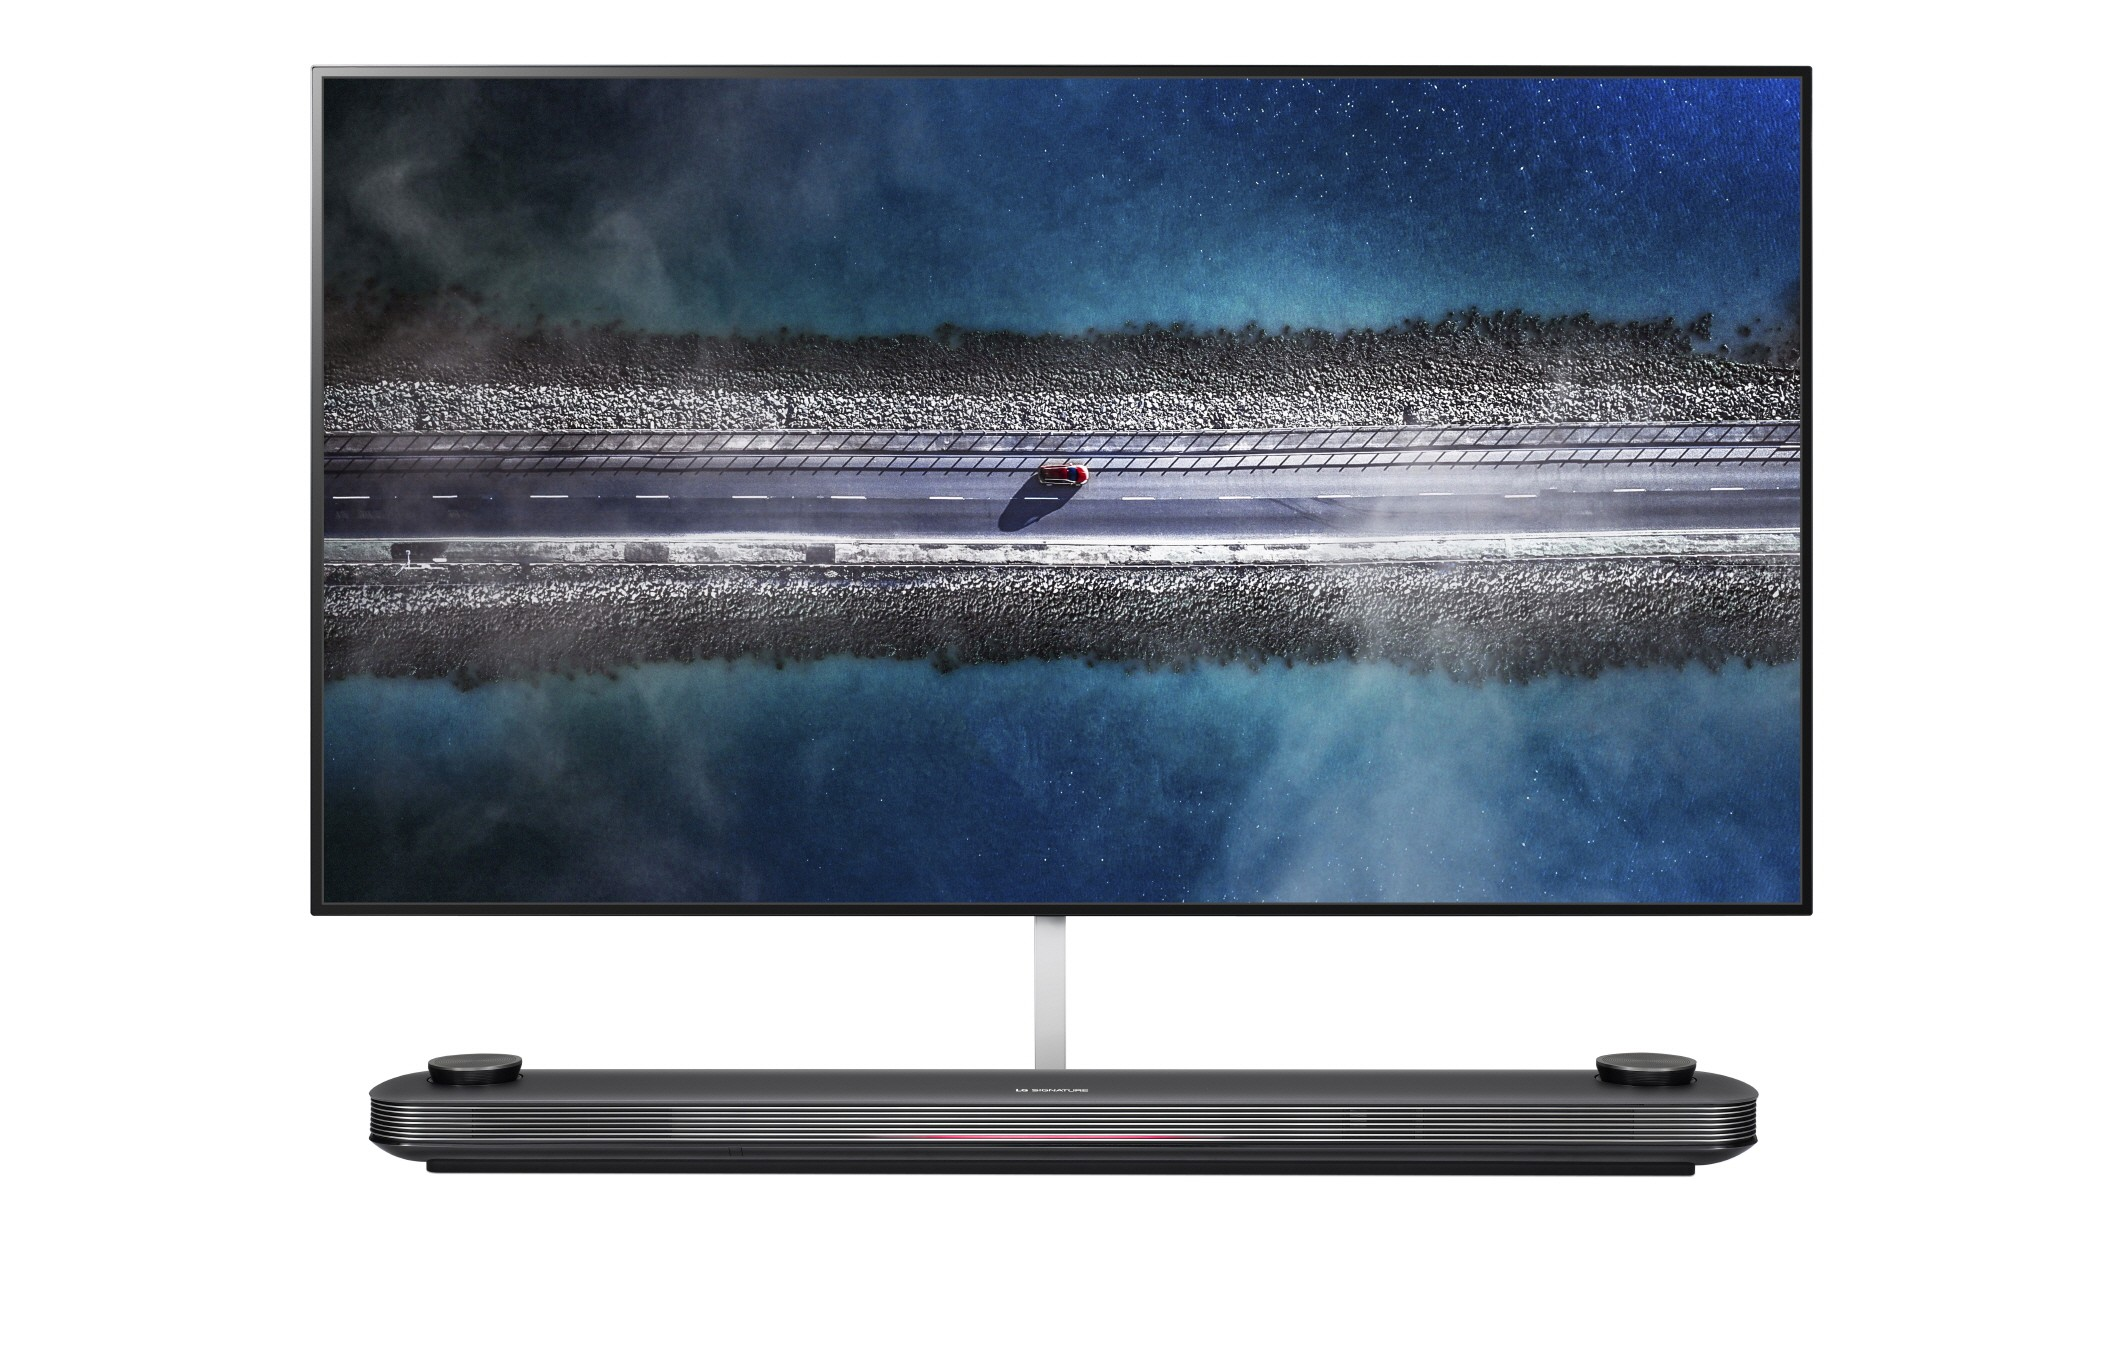 LG 2019 metų televizorių naujovės: kompanija turi rimtų užmojų